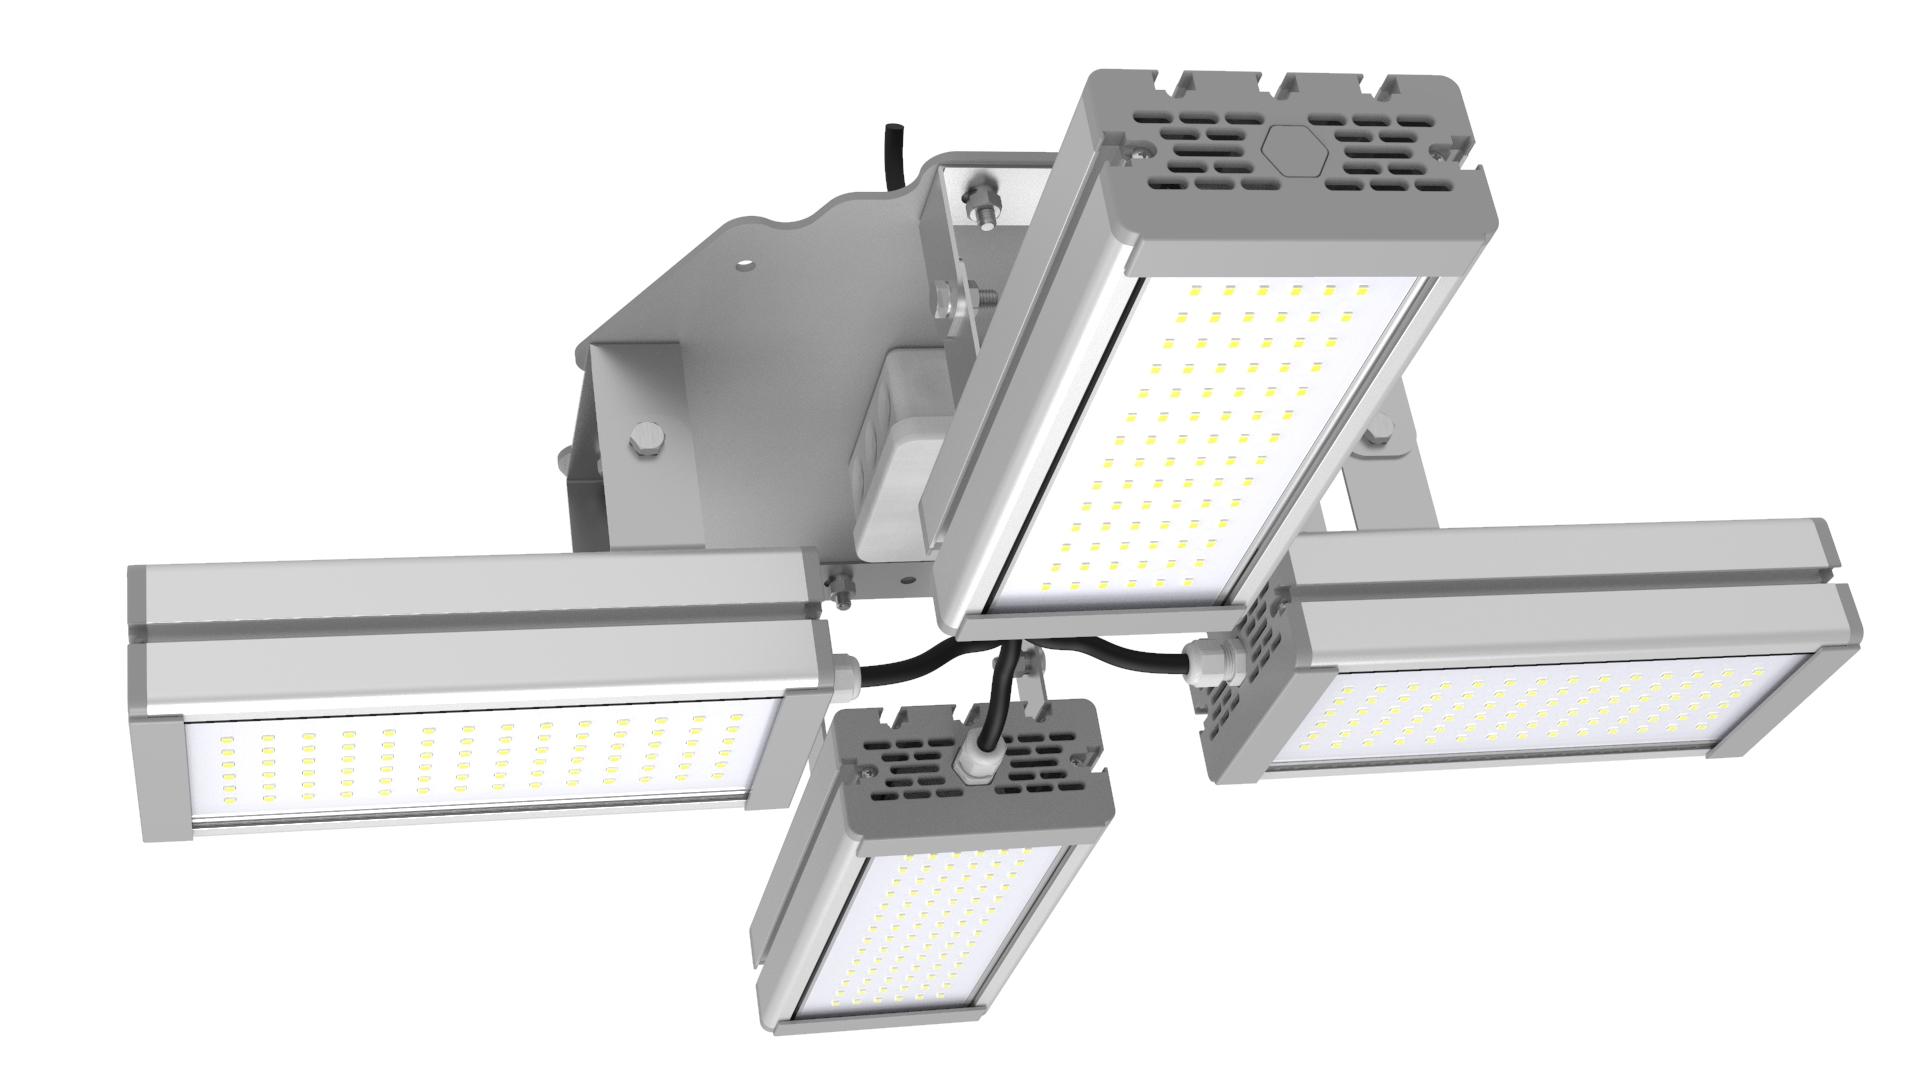 Светильник подвесной Ромашка High-Bay SVT-P-FLOWER-128Вт (с защитой от 380В, трос)